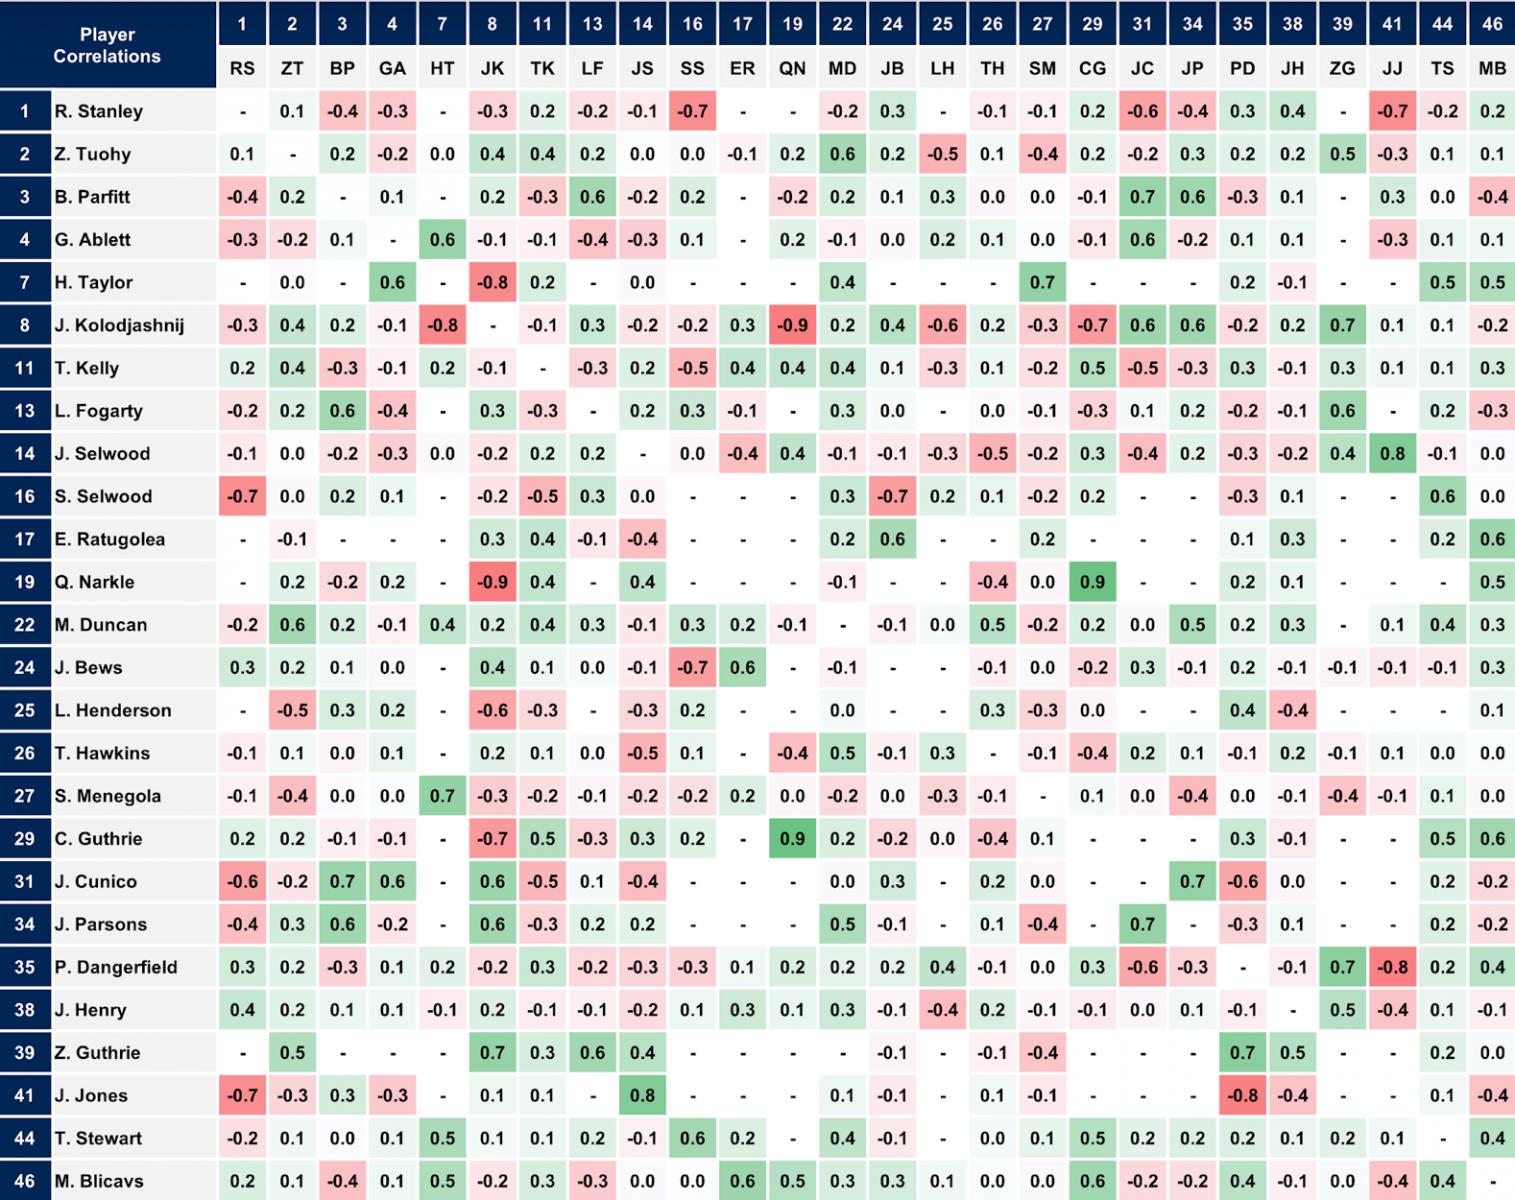 Geelong 2018 Correlations